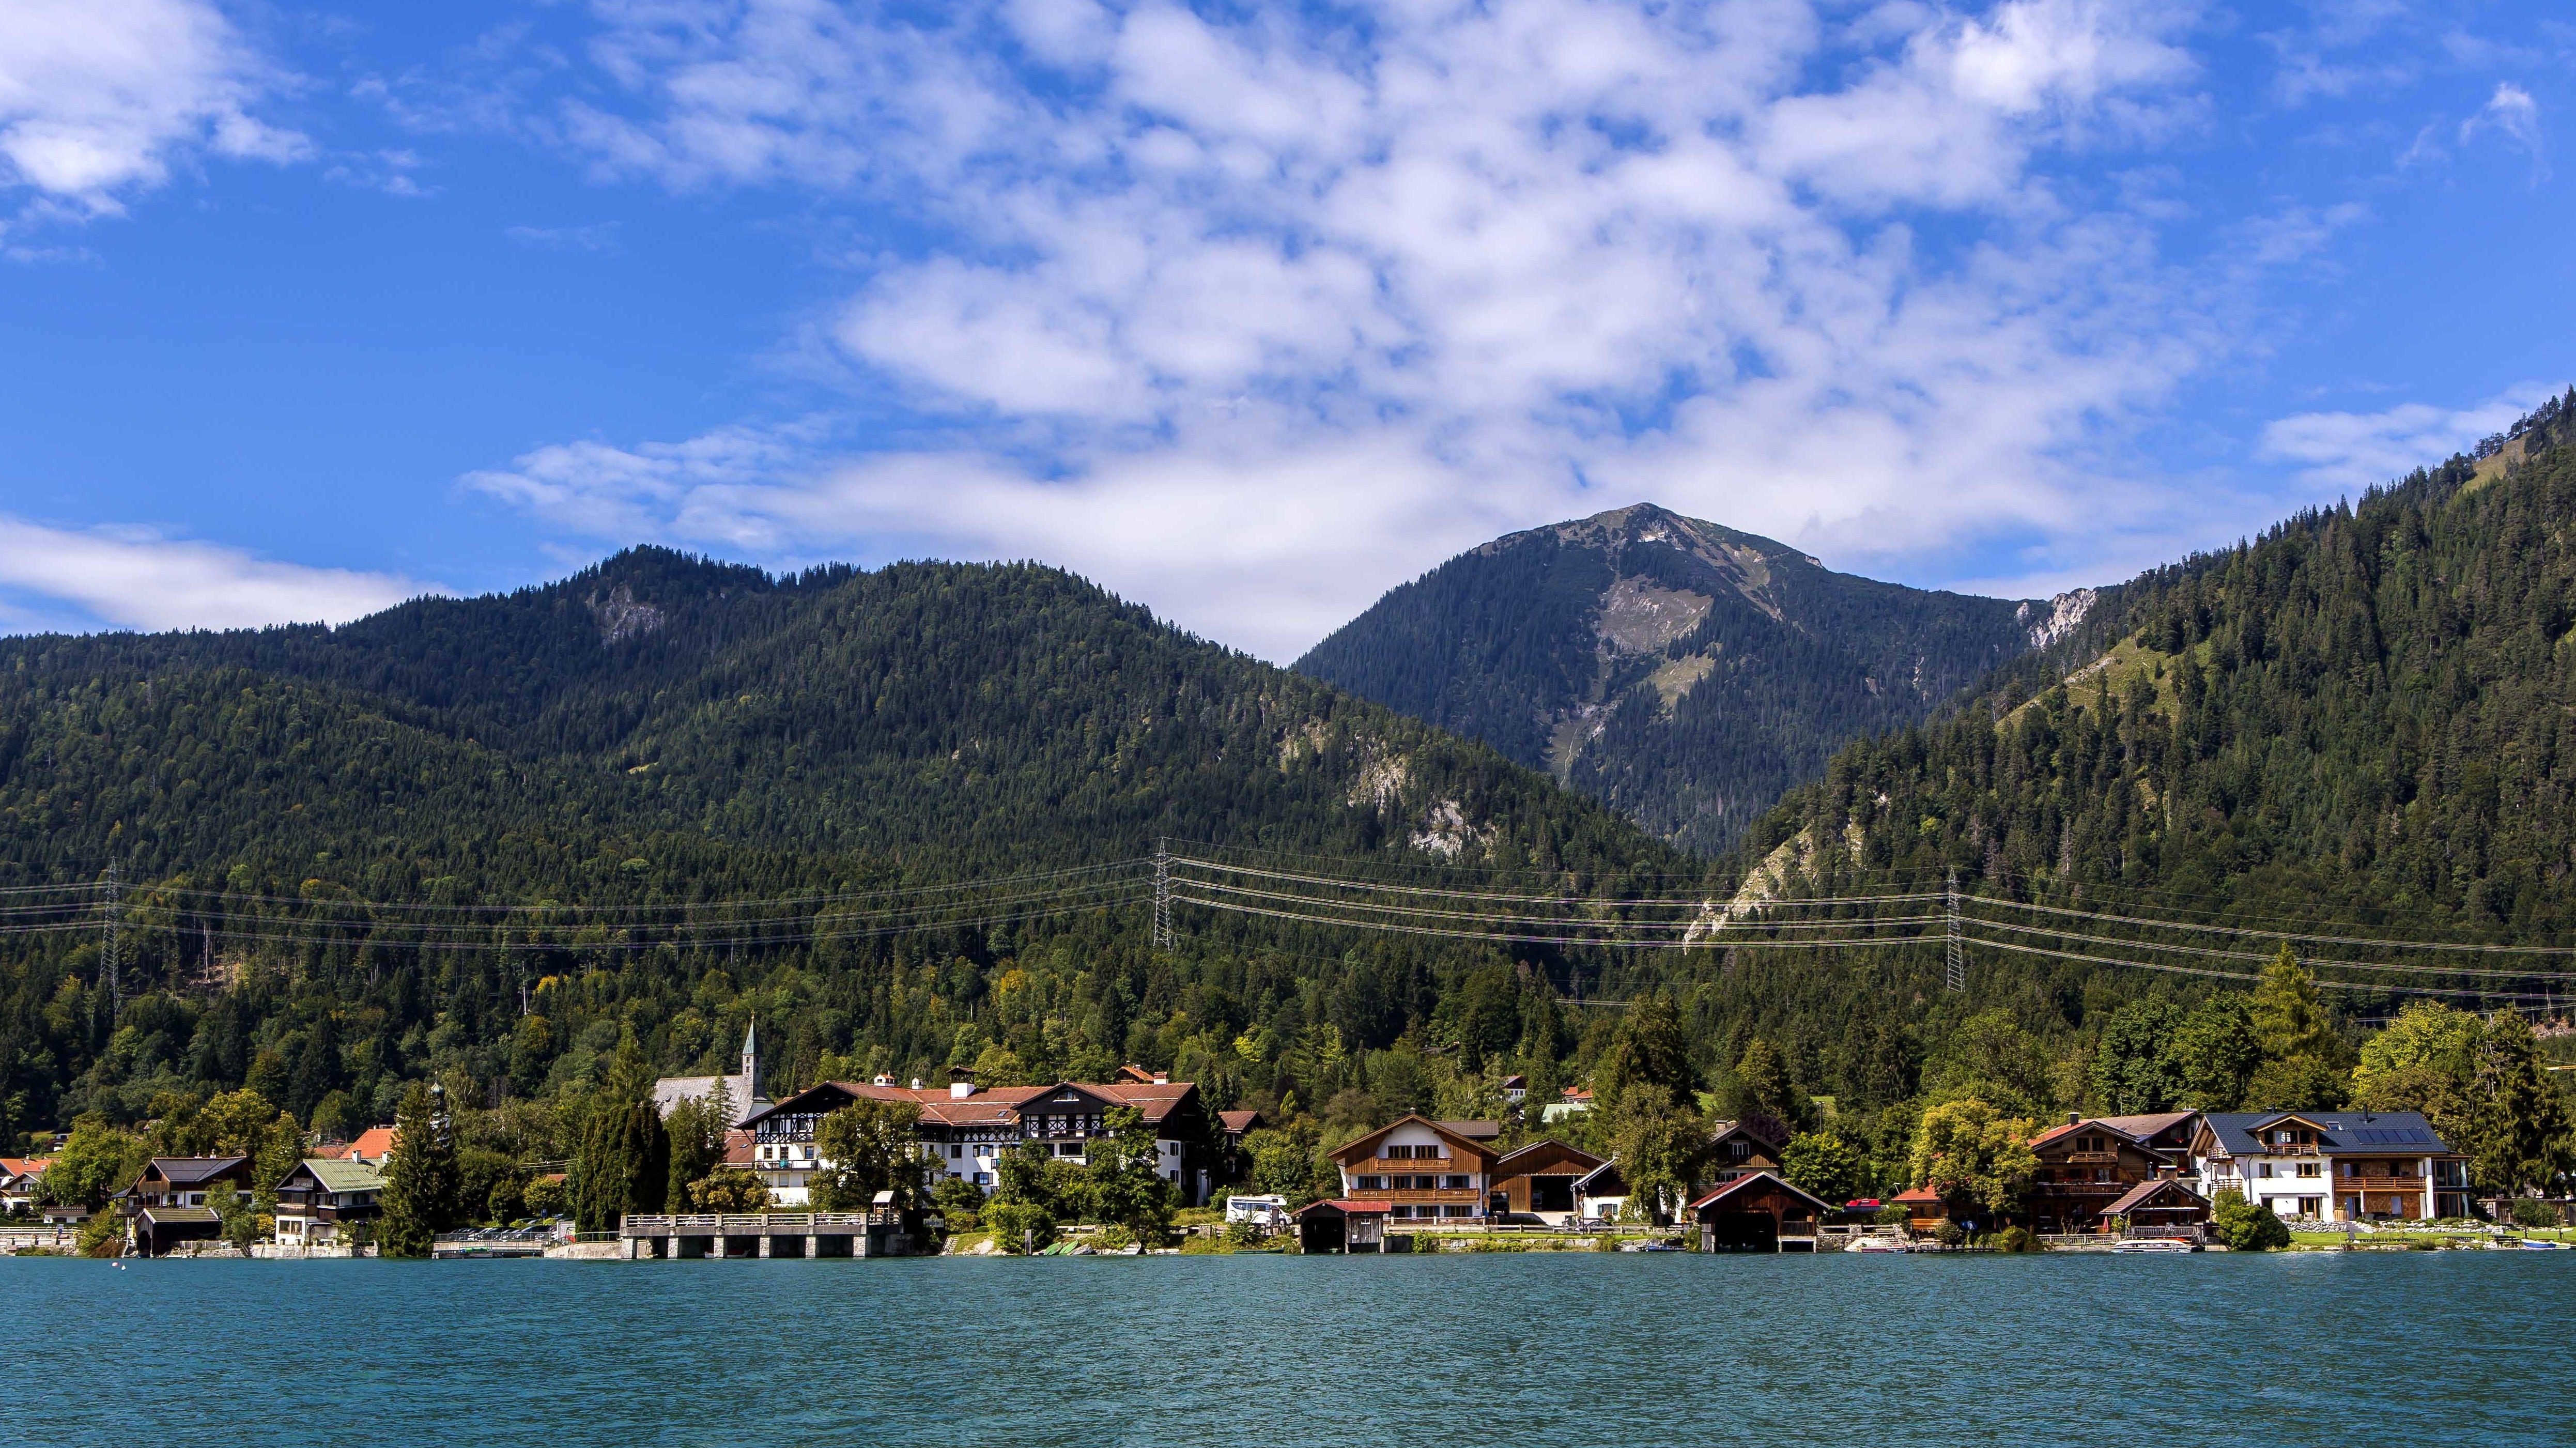 Der Luftkurort Walchensee ist ein Pfarrdorf in Oberbayern und Ortsteil der Gemeinde Kochel am See im Landkreis Bad Tölz-Wolfratshausen.